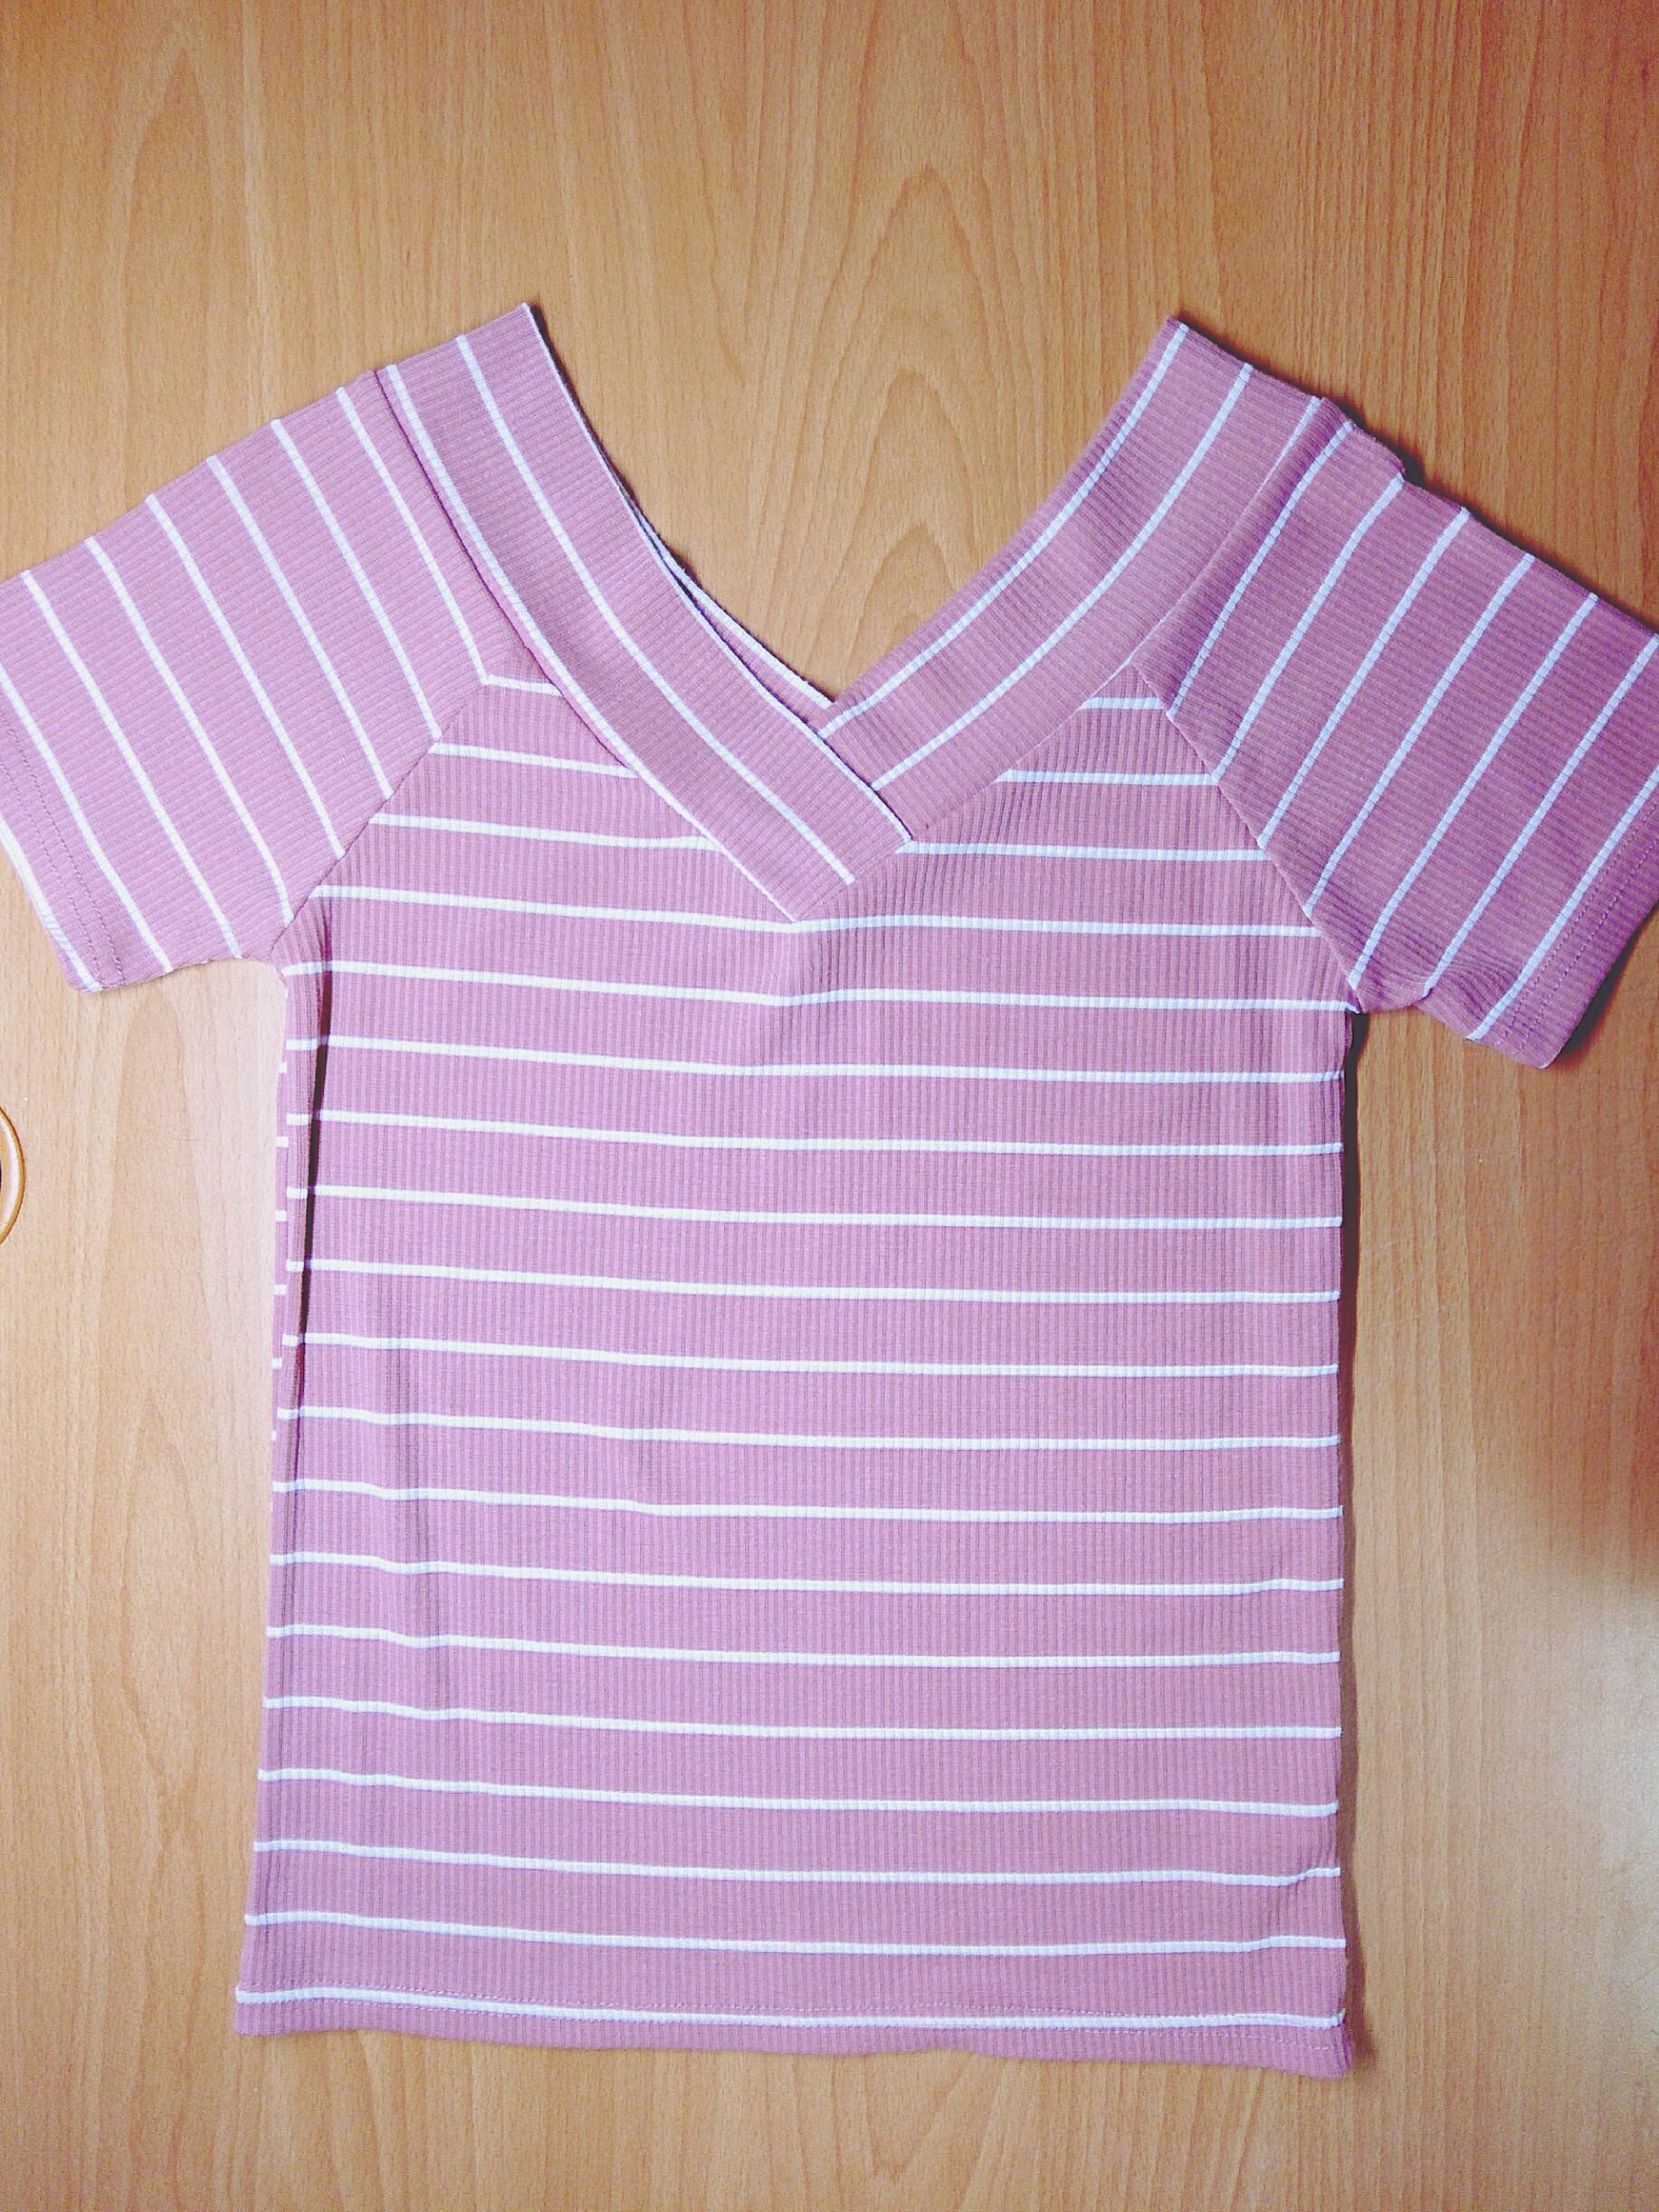 粉紅色條紋v領上衣